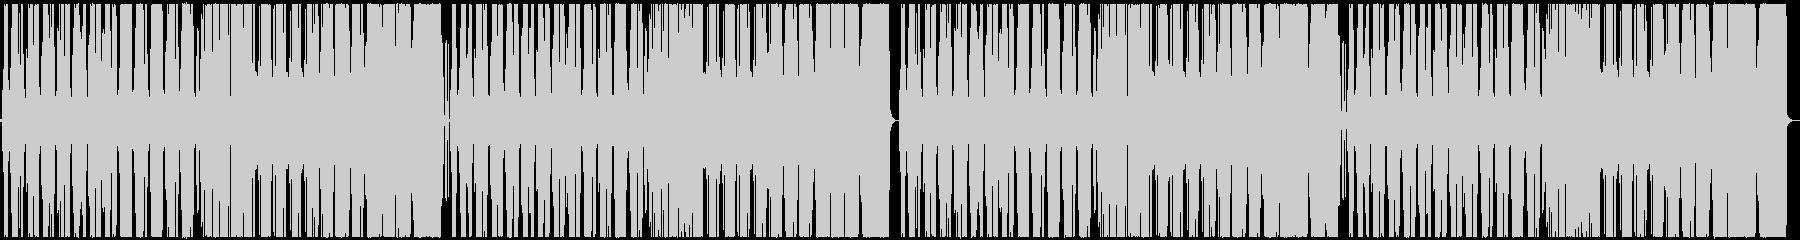 シンセサウンドが映えるデジタルおしゃれ曲の未再生の波形